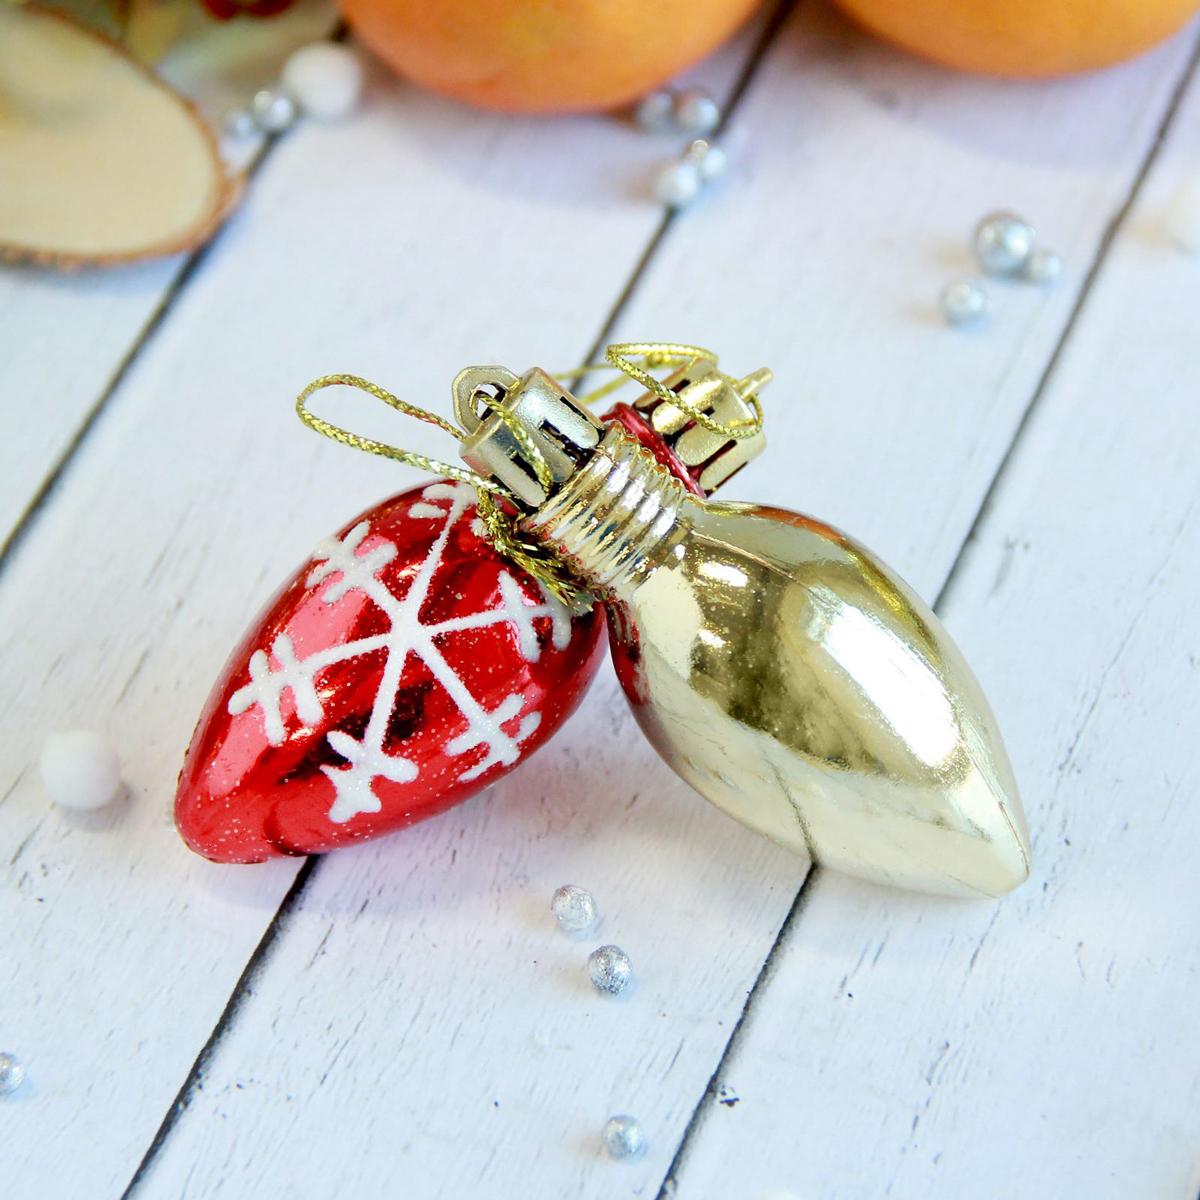 Набор новогодних подвесных украшений Лампочка. Снежинки, 2,5 х 6 см, 9 шт2371348Набор новогодних подвесных украшений отлично подойдет для декорации вашего дома и новогодней ели. С помощью специальной петельки украшение можно повесить в любом понравившемся вам месте. Но, конечно, удачнее всего оно будет смотреться на праздничной елке.Елочная игрушка - символ Нового года. Она несет в себе волшебство и красоту праздника. Такое украшение создаст в вашем доме атмосферу праздника, веселья и радости.